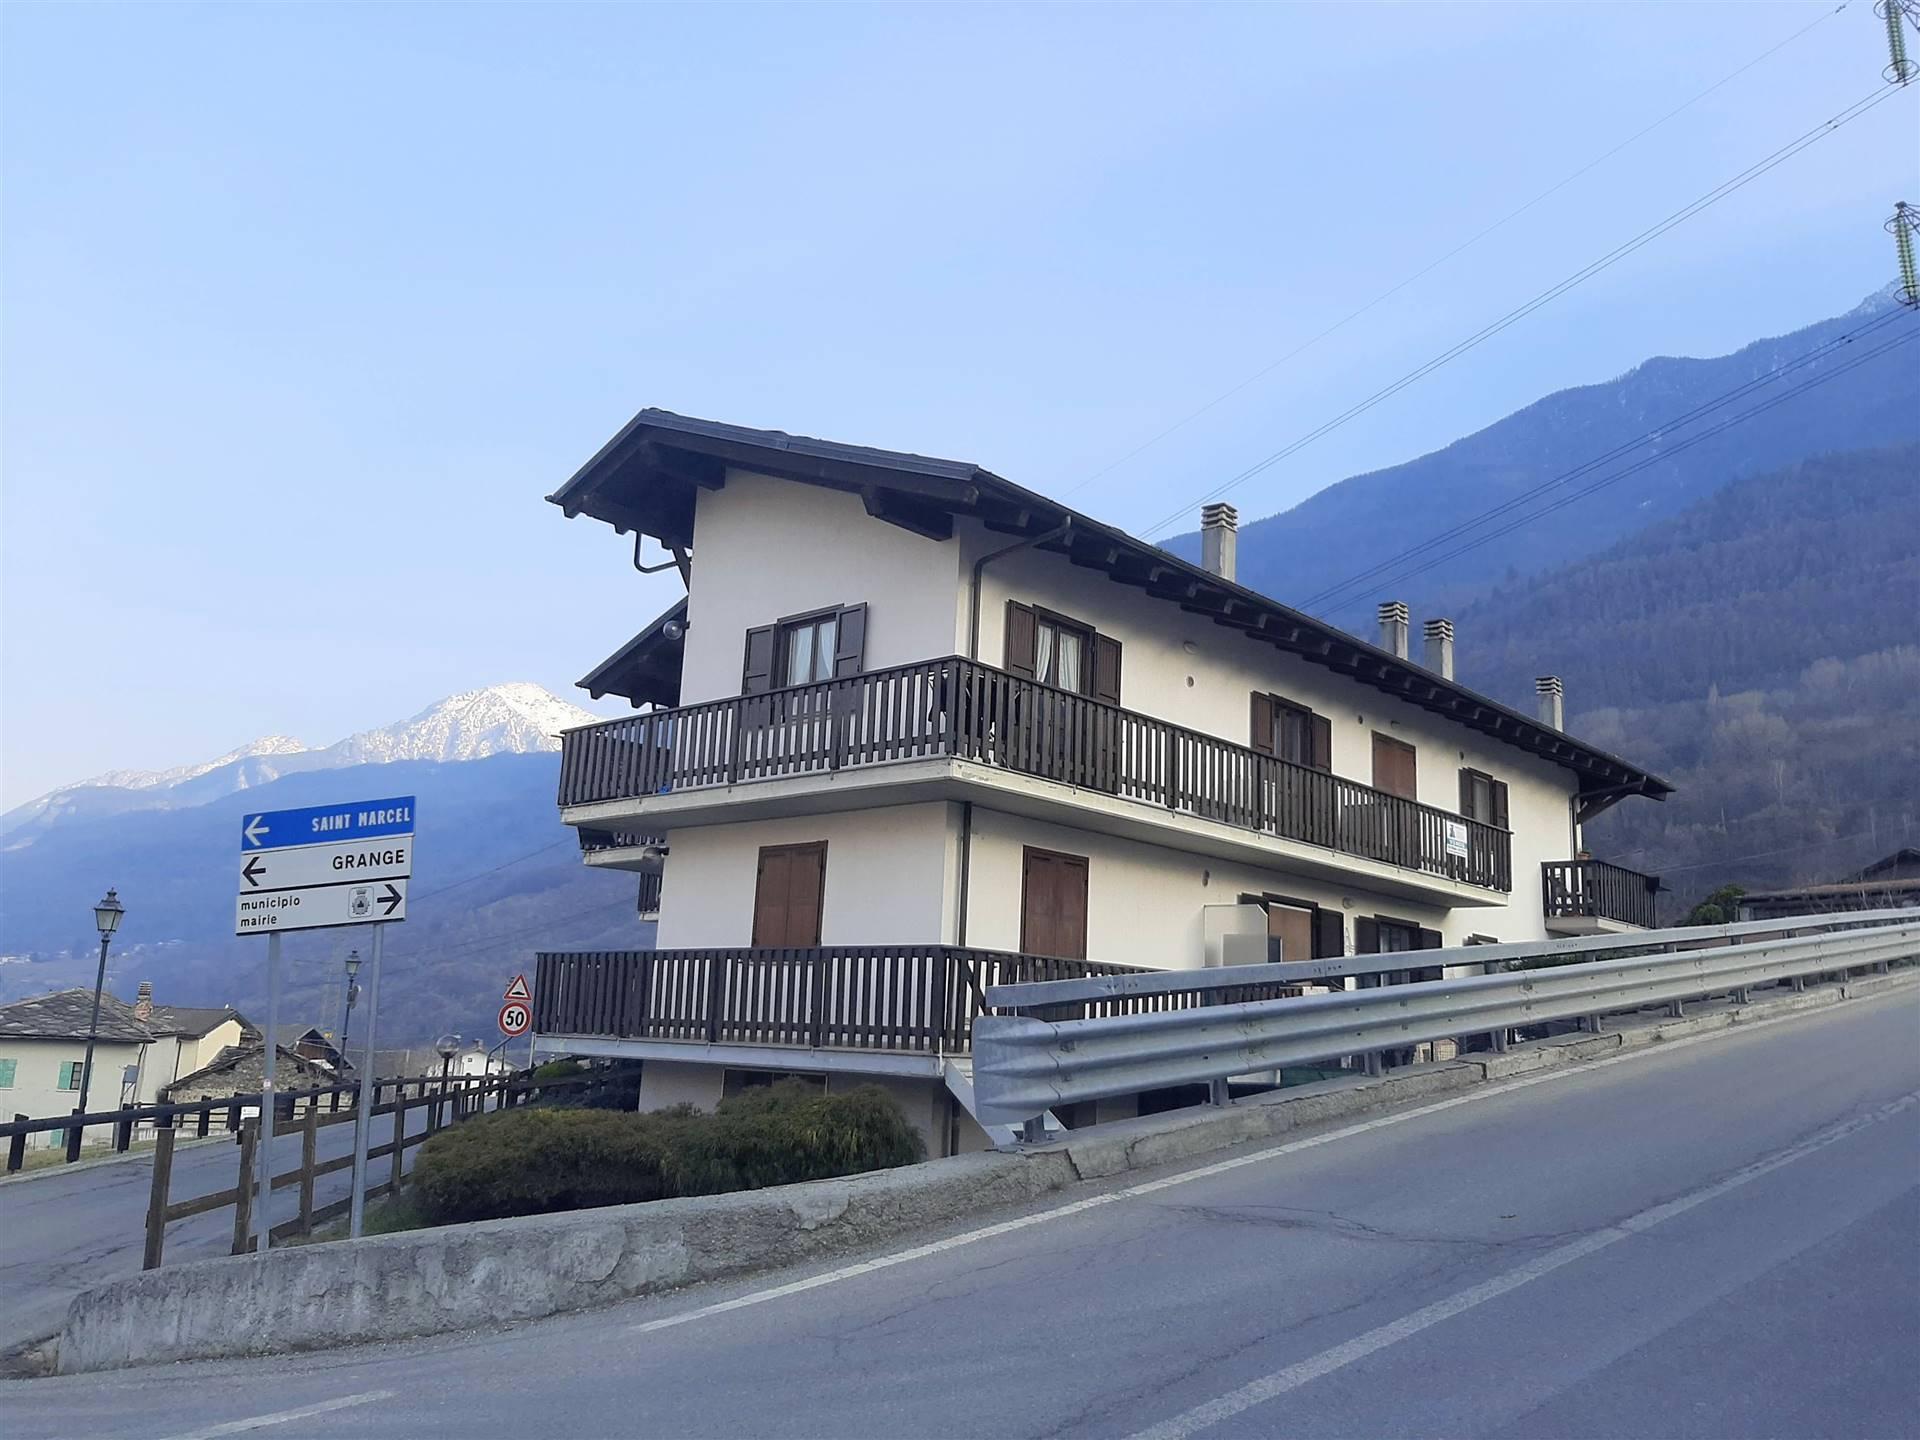 Appartamento in vendita a Brissogne, 1 locali, zona Località: NEYRAN, prezzo € 67.000 | PortaleAgenzieImmobiliari.it